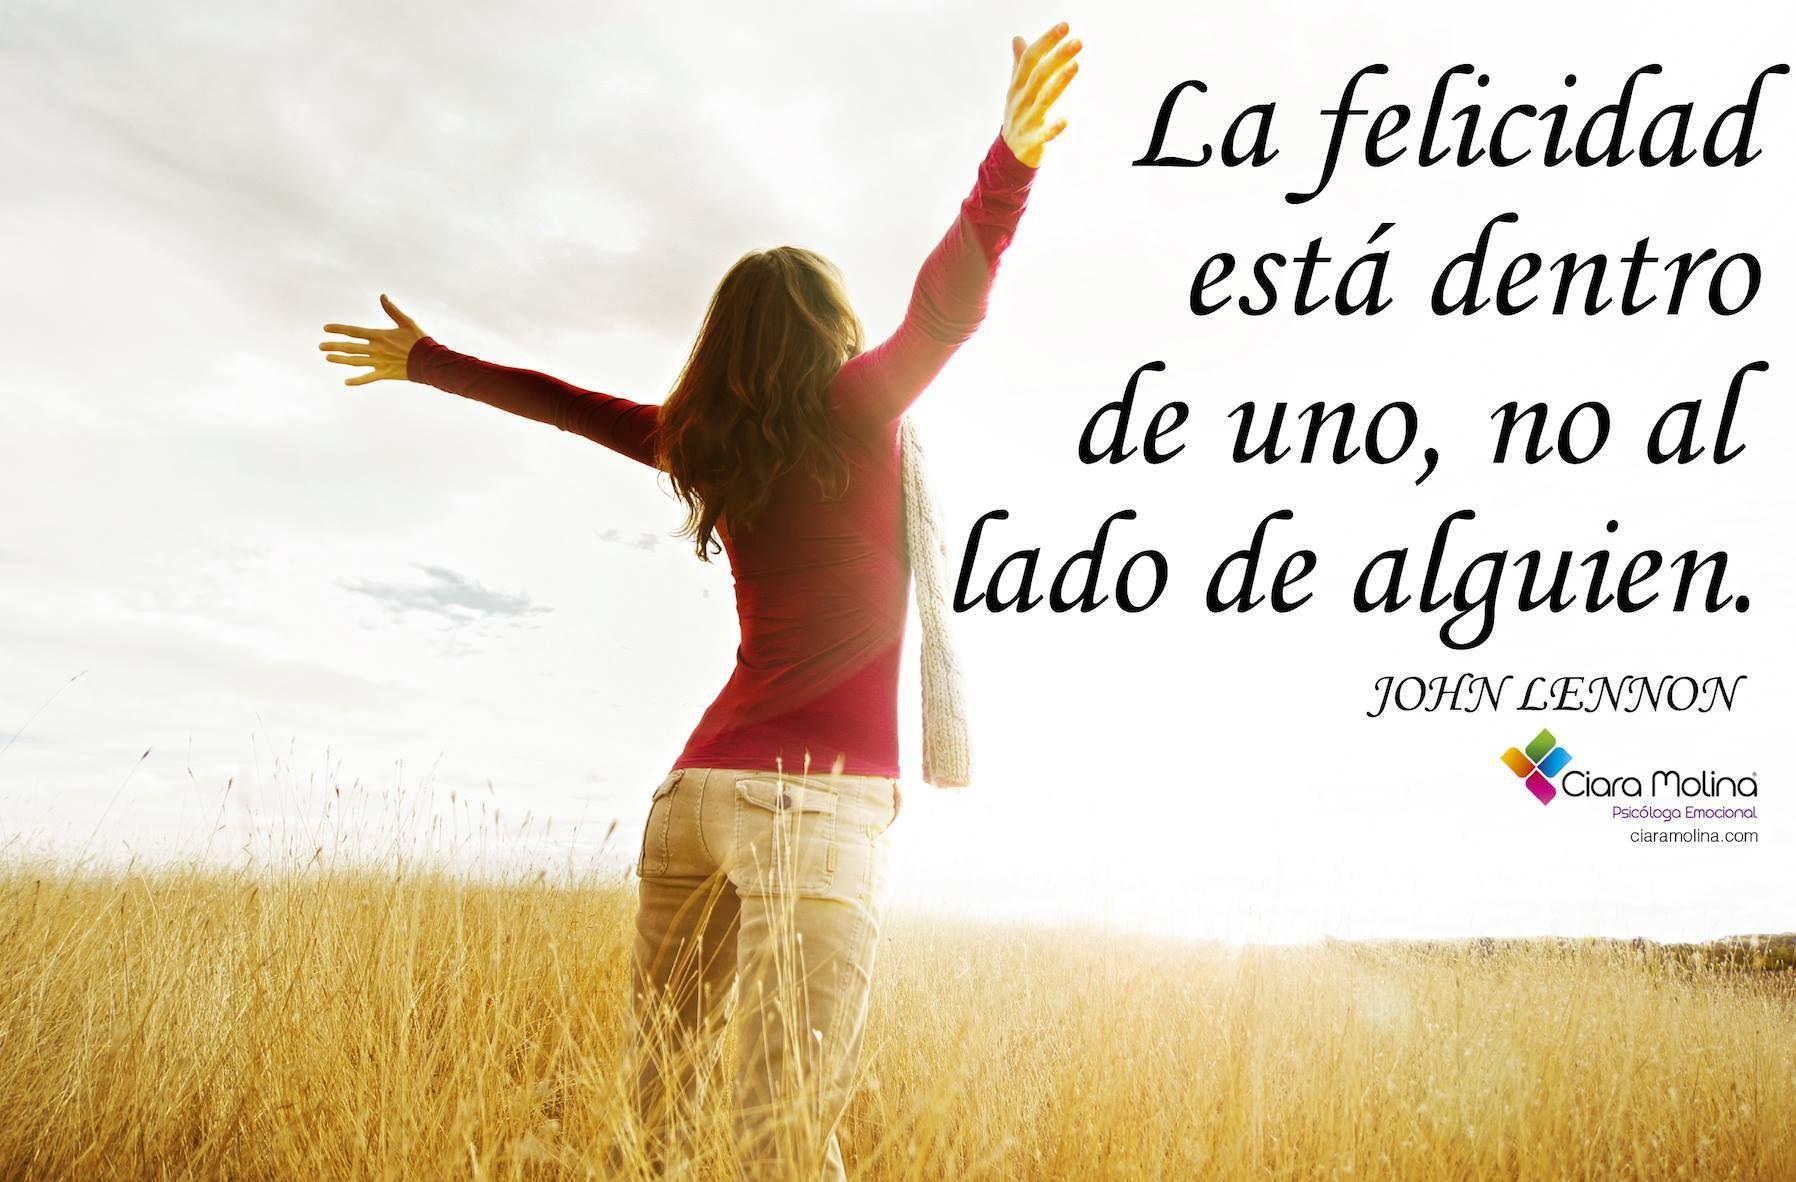 TODO EMPIEZA POR UNO MISMO... (((Sesiones y Cursos Online www.ciaramolina.com #psicologia #emociones #salud)))